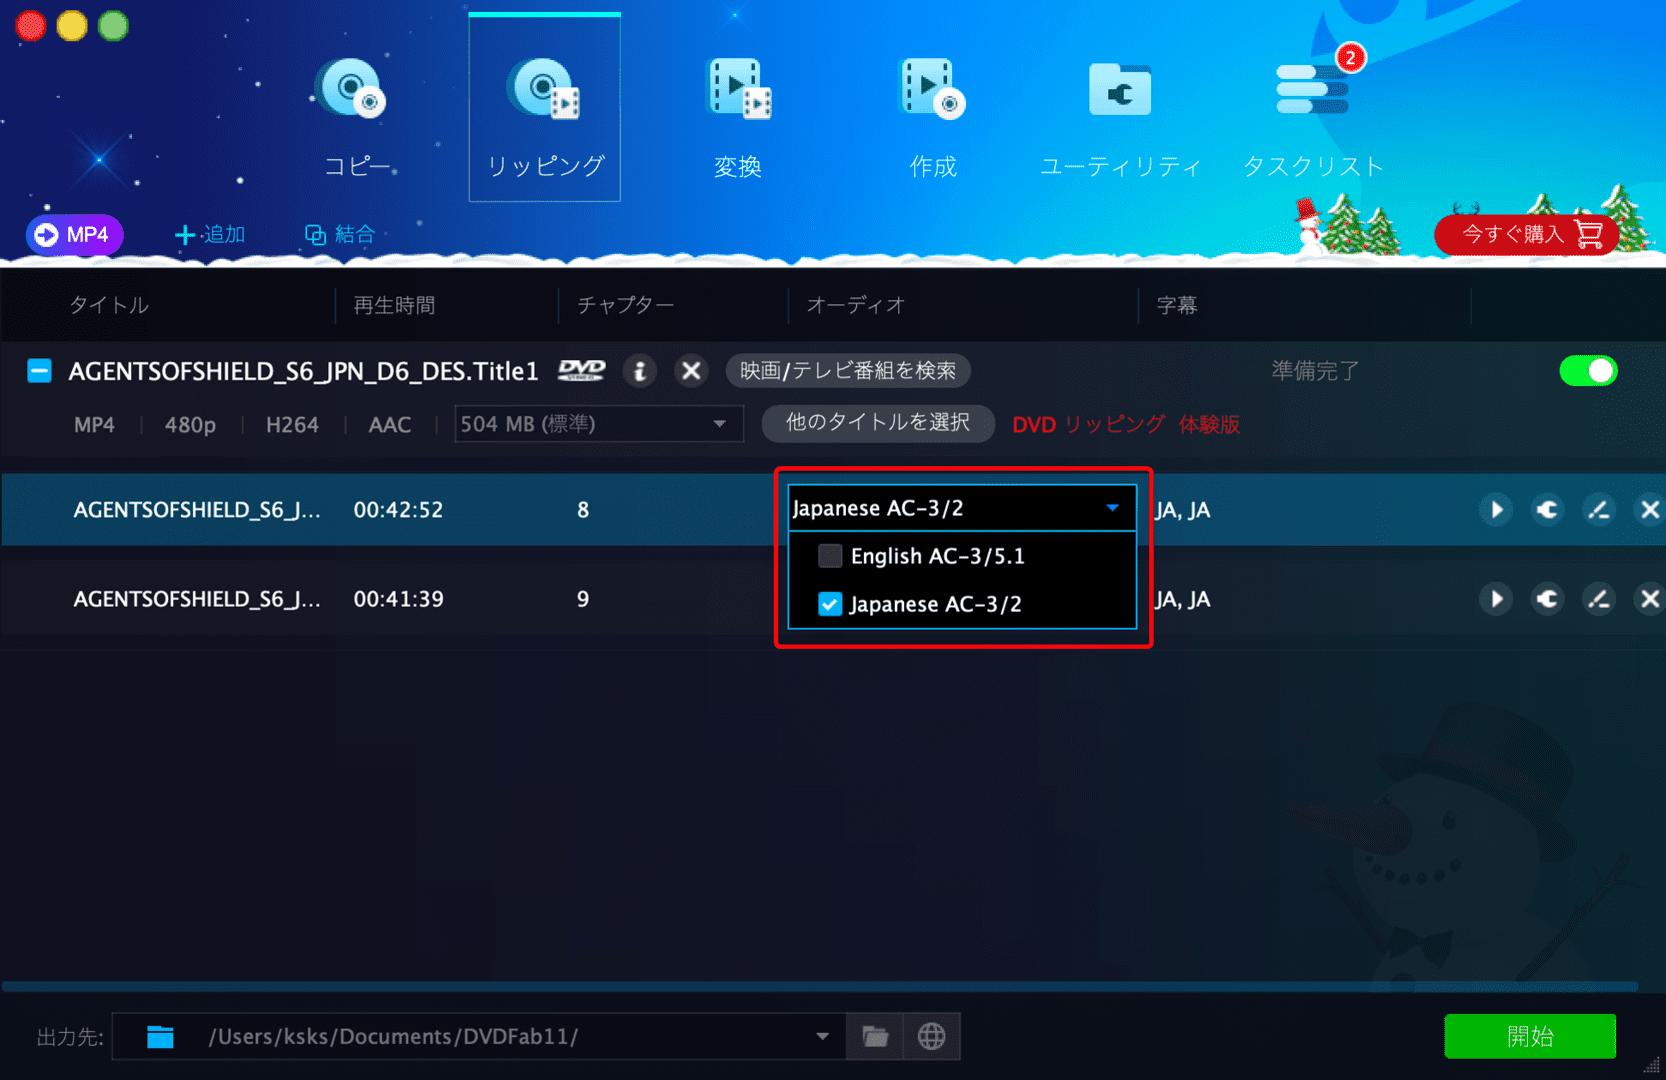 【DVDFab for macの使い方】Mac向けDVDFab無料体験版でDVDコピー!最強コピー性能を体感できるDVDFab11無料版for macの使い方|DVDからiPhoneに適した形式に変換する:まずは「オーディオ」を設定します。 「オーディオ」の項目の上にマウスポインターを持っていくとプルダウンメニューに表示が切り替わるので、クリックしてメニューを開きます。